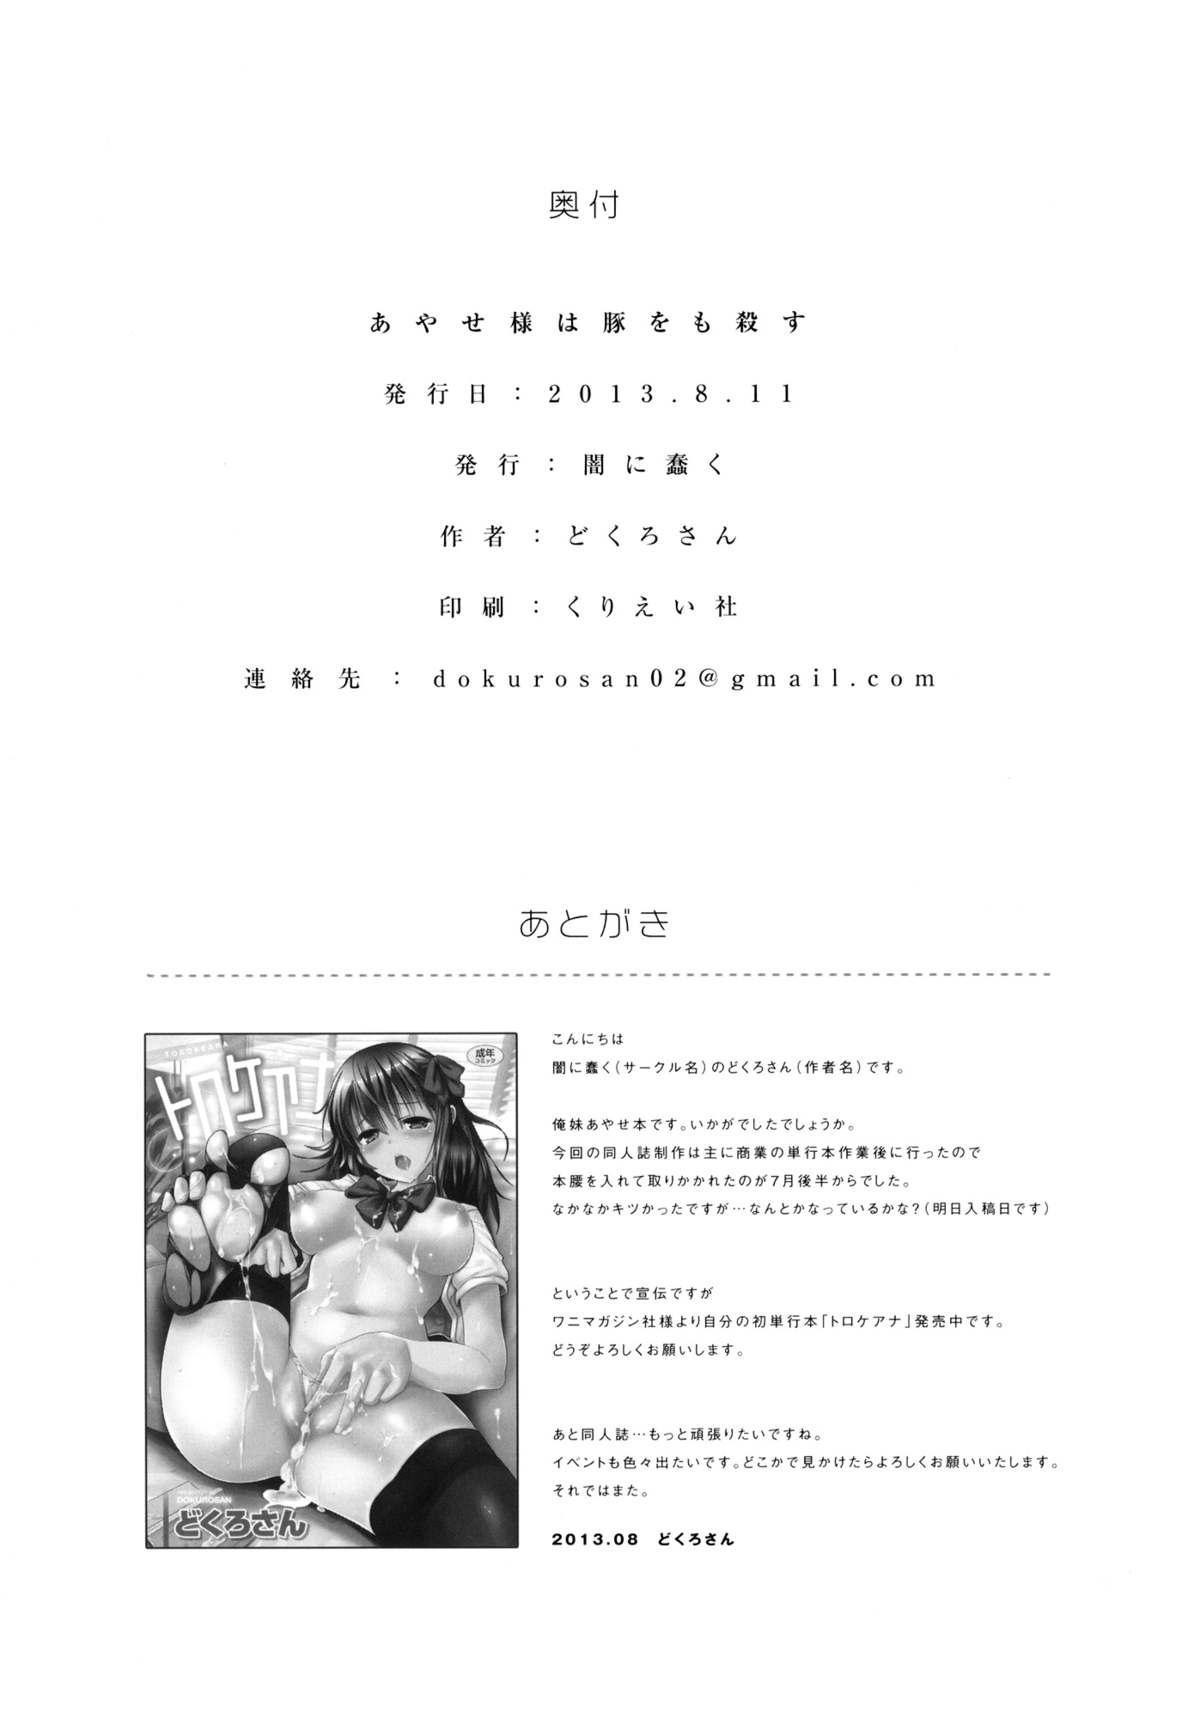 Ayase-sama wa Buta wo mo Korosu + Paper | Mistress Ayase Killed the Fat Pig + Paper 19